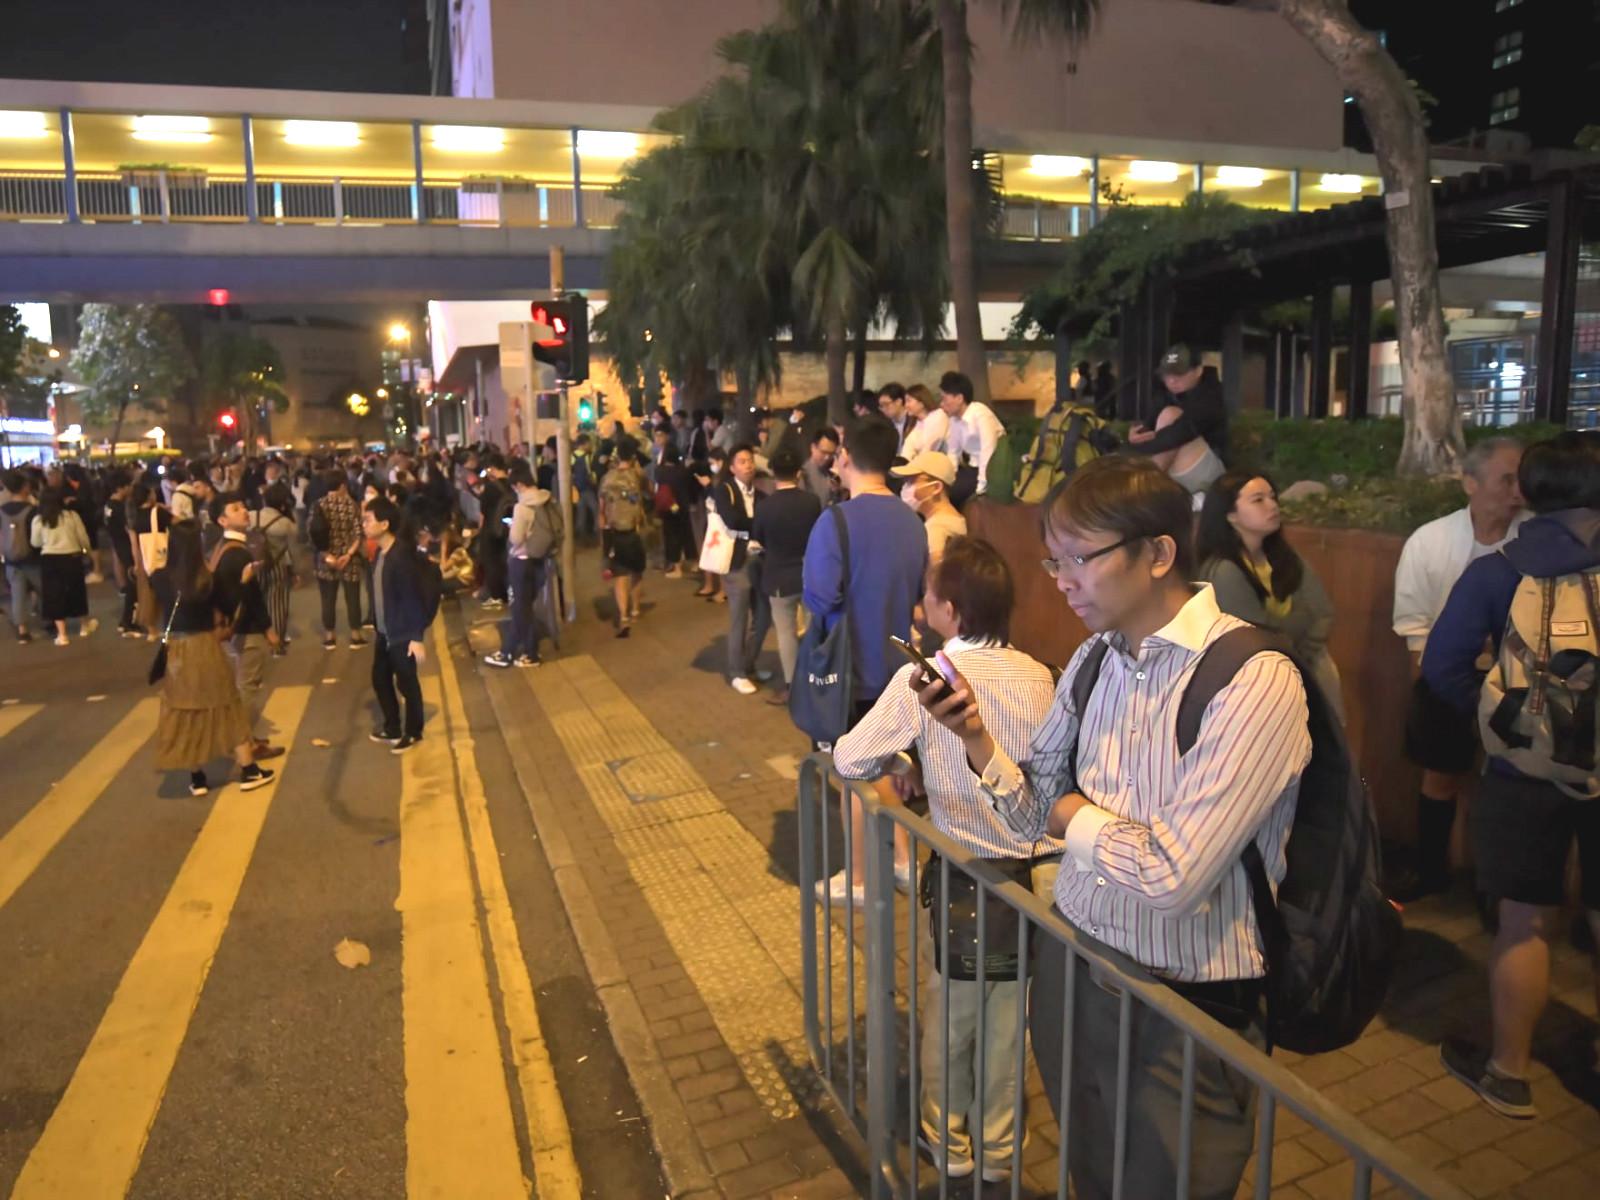 【修例风波】尖东抗议人群堵路 邝俊宇引述留守者吁勿冲击